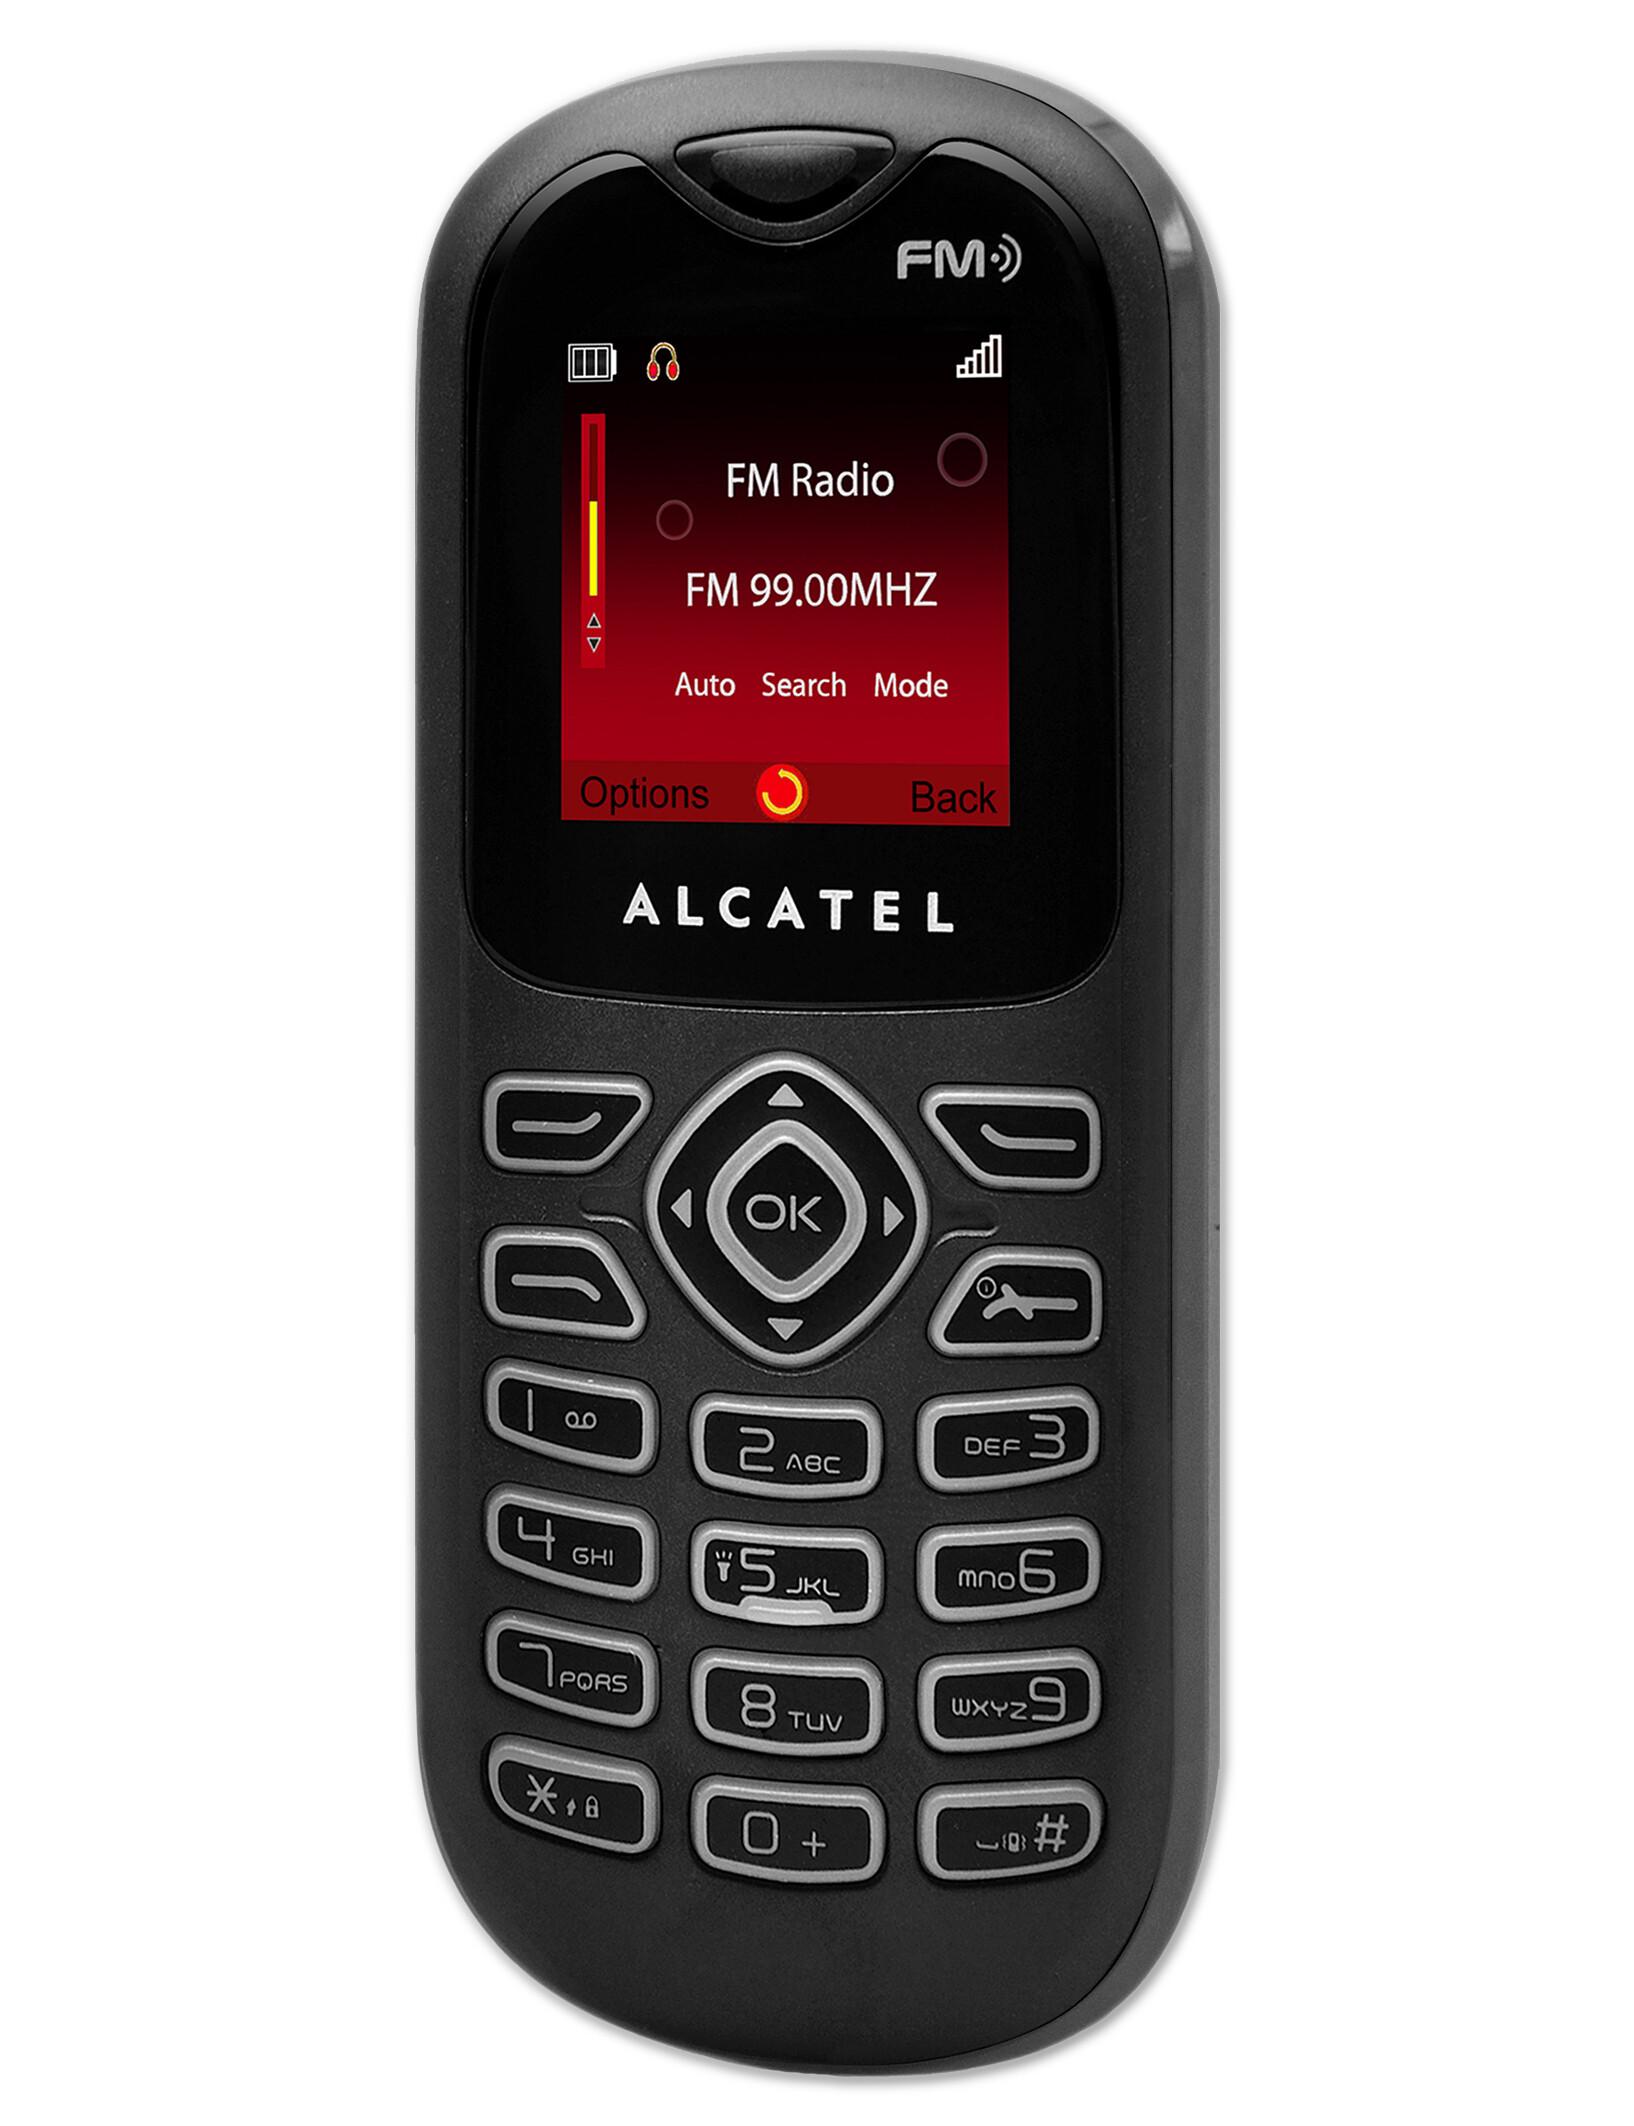 Alcatel Ot 208 Specs